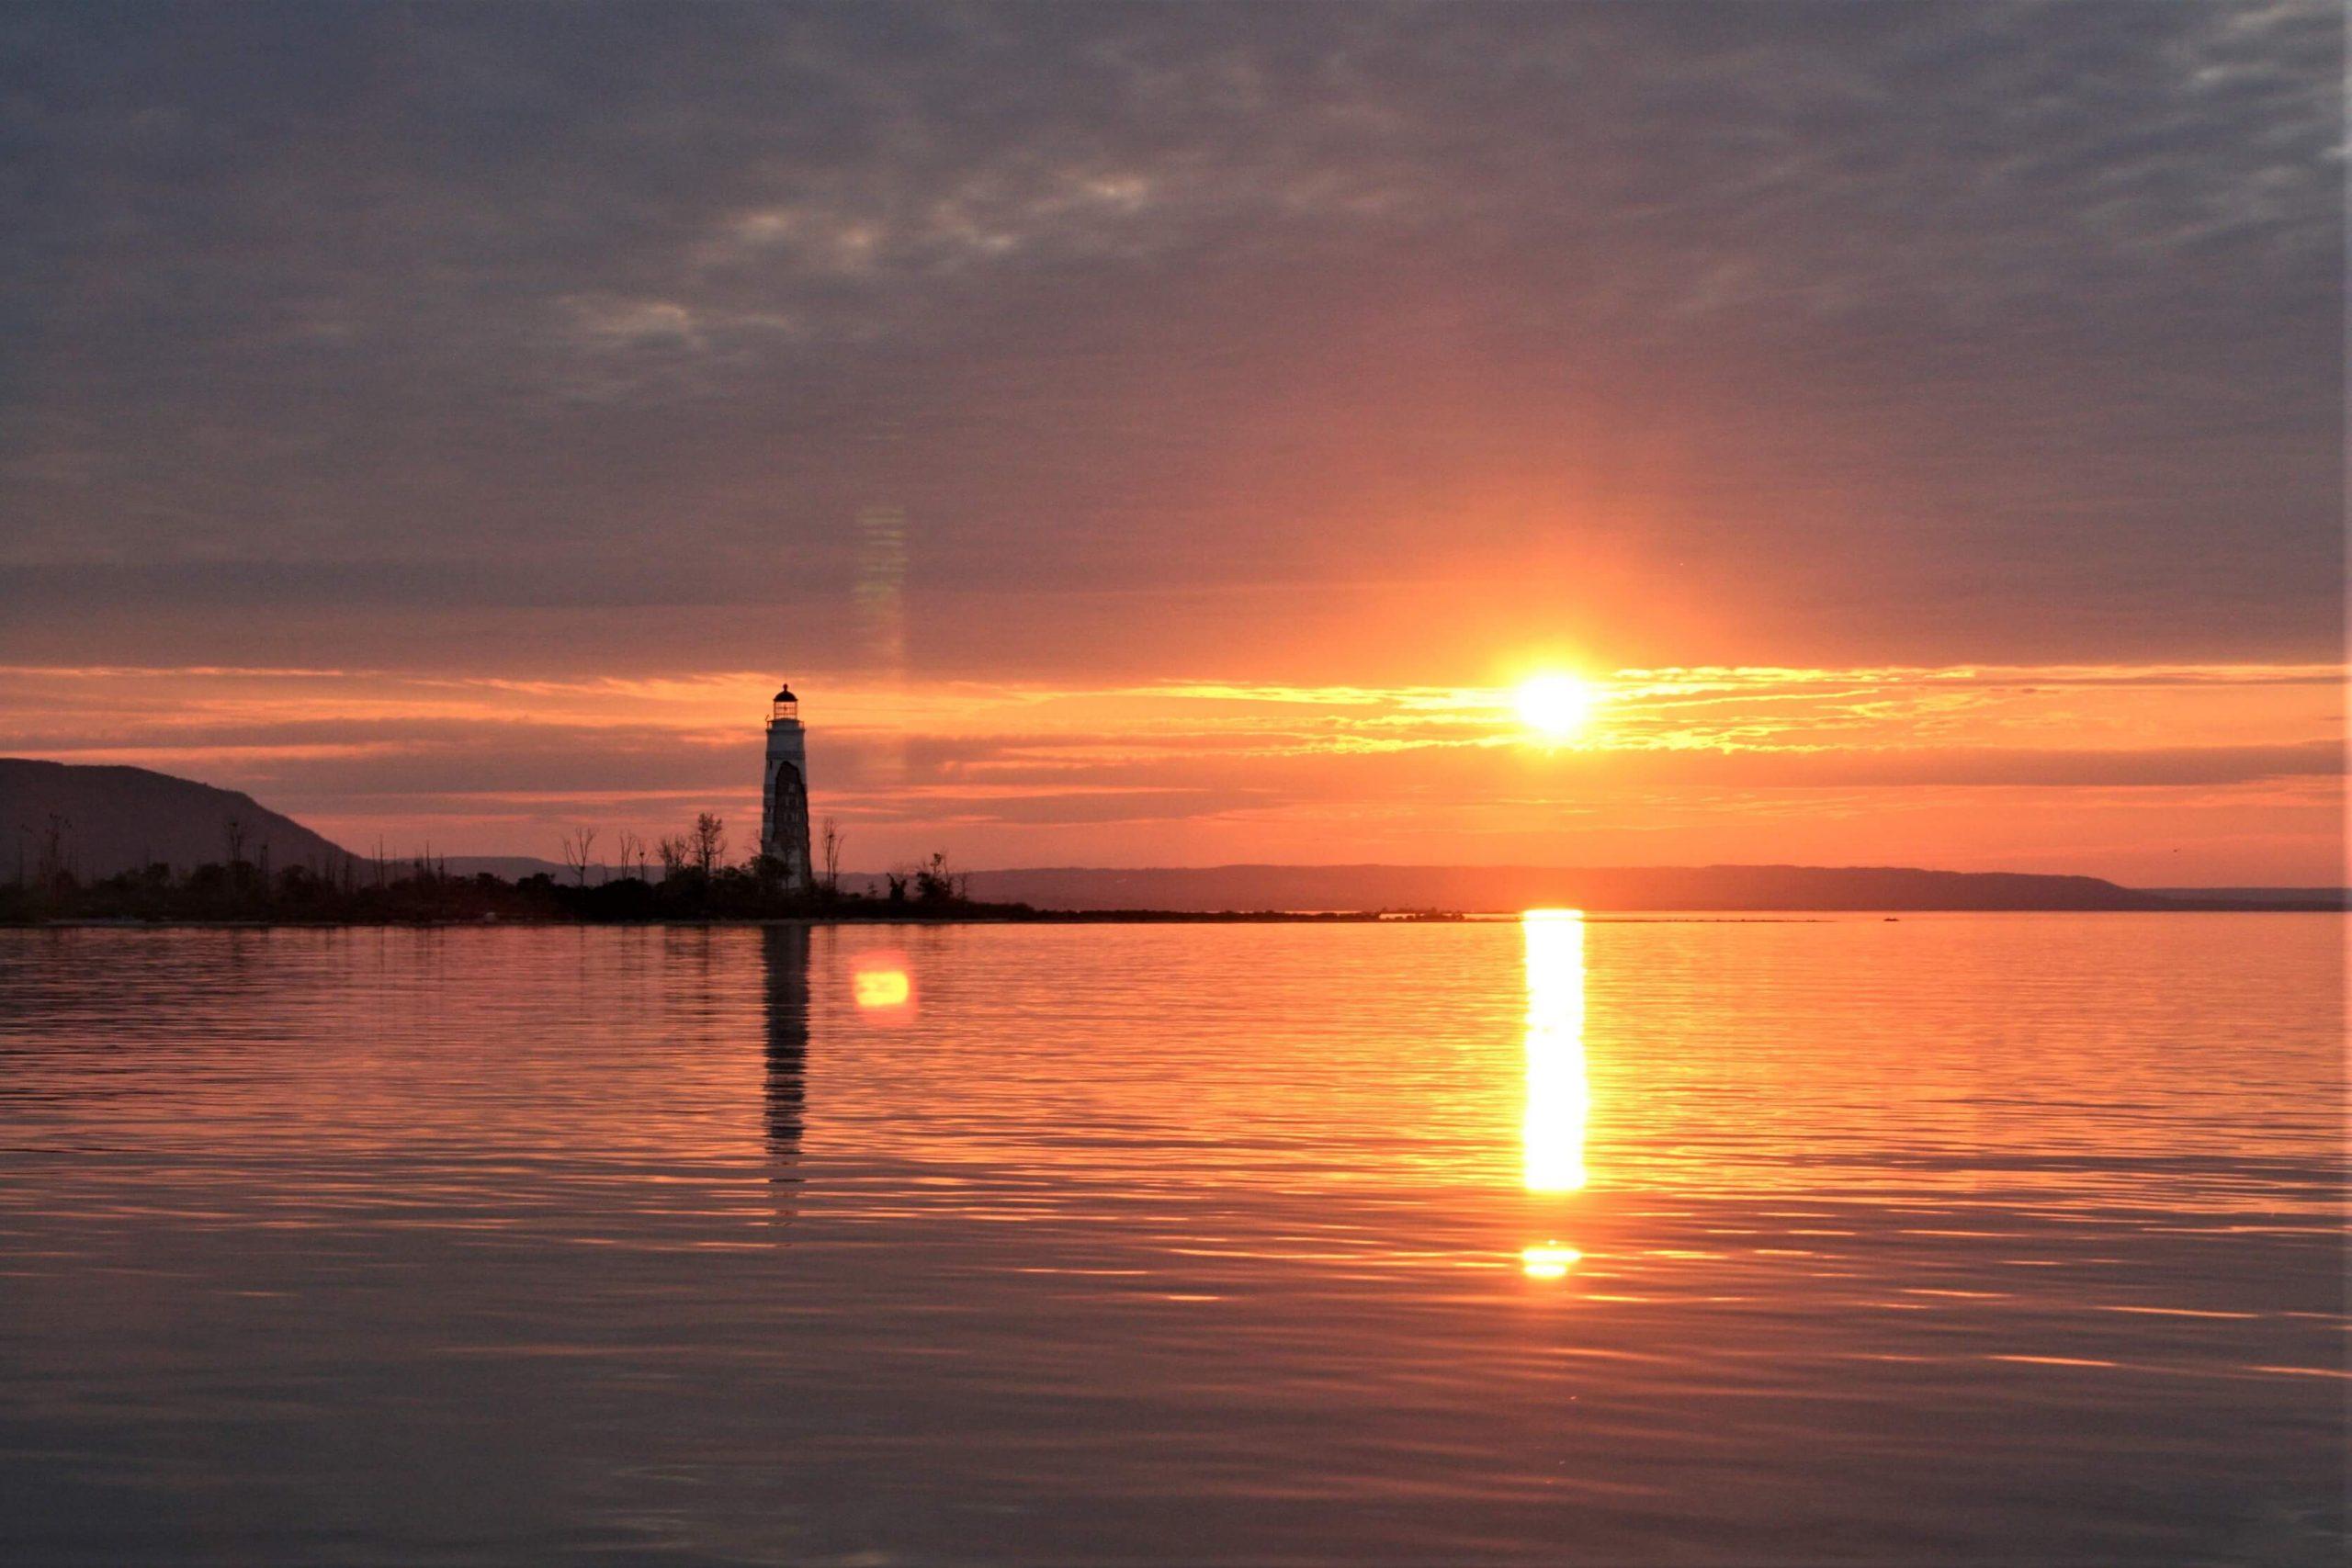 Nottawasaga Lighthouse at Sunset